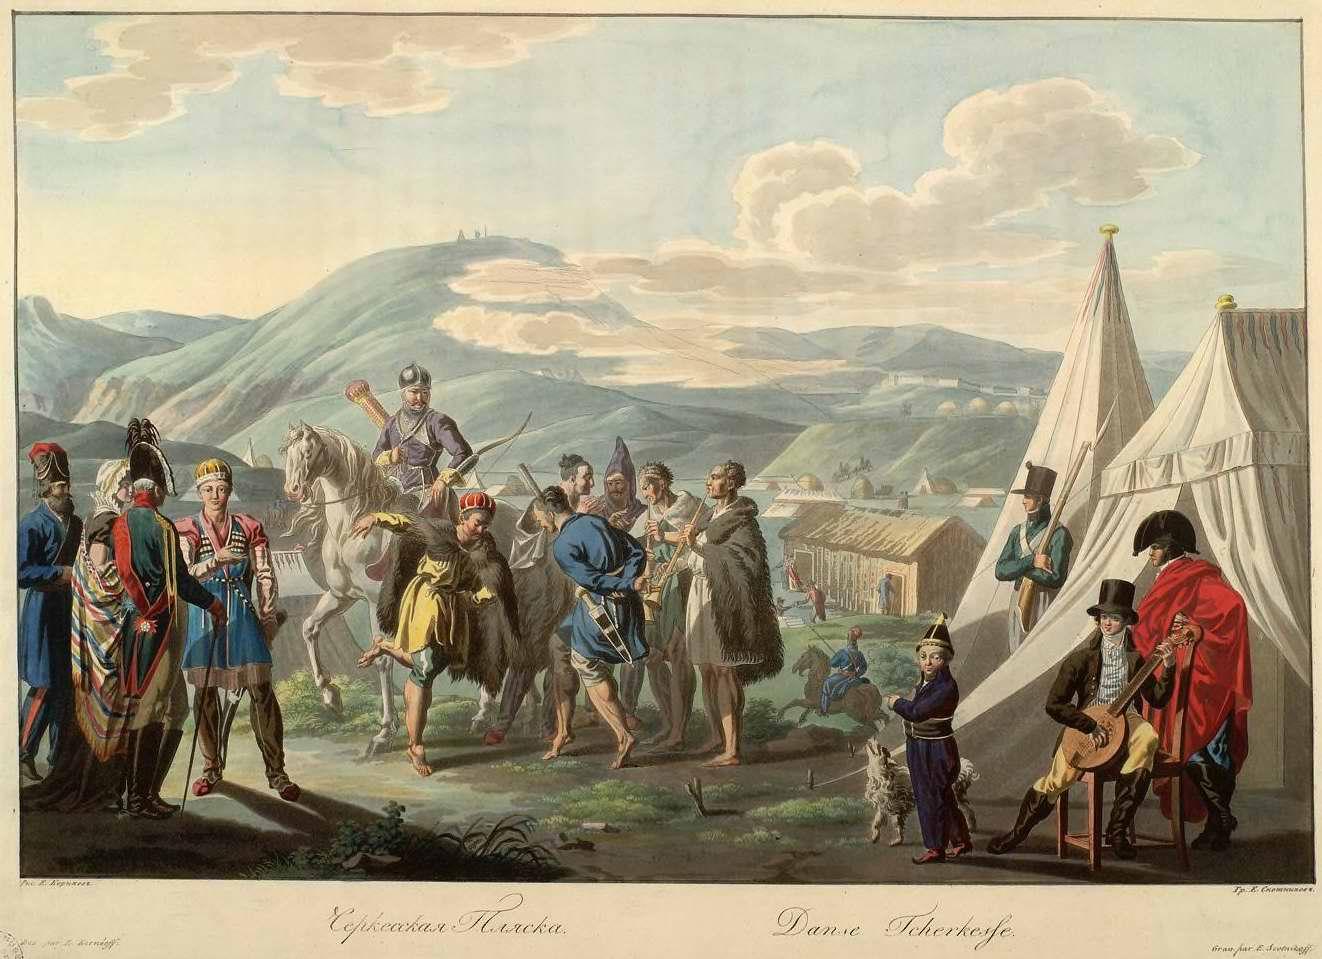 Черкесская пляска (1800)